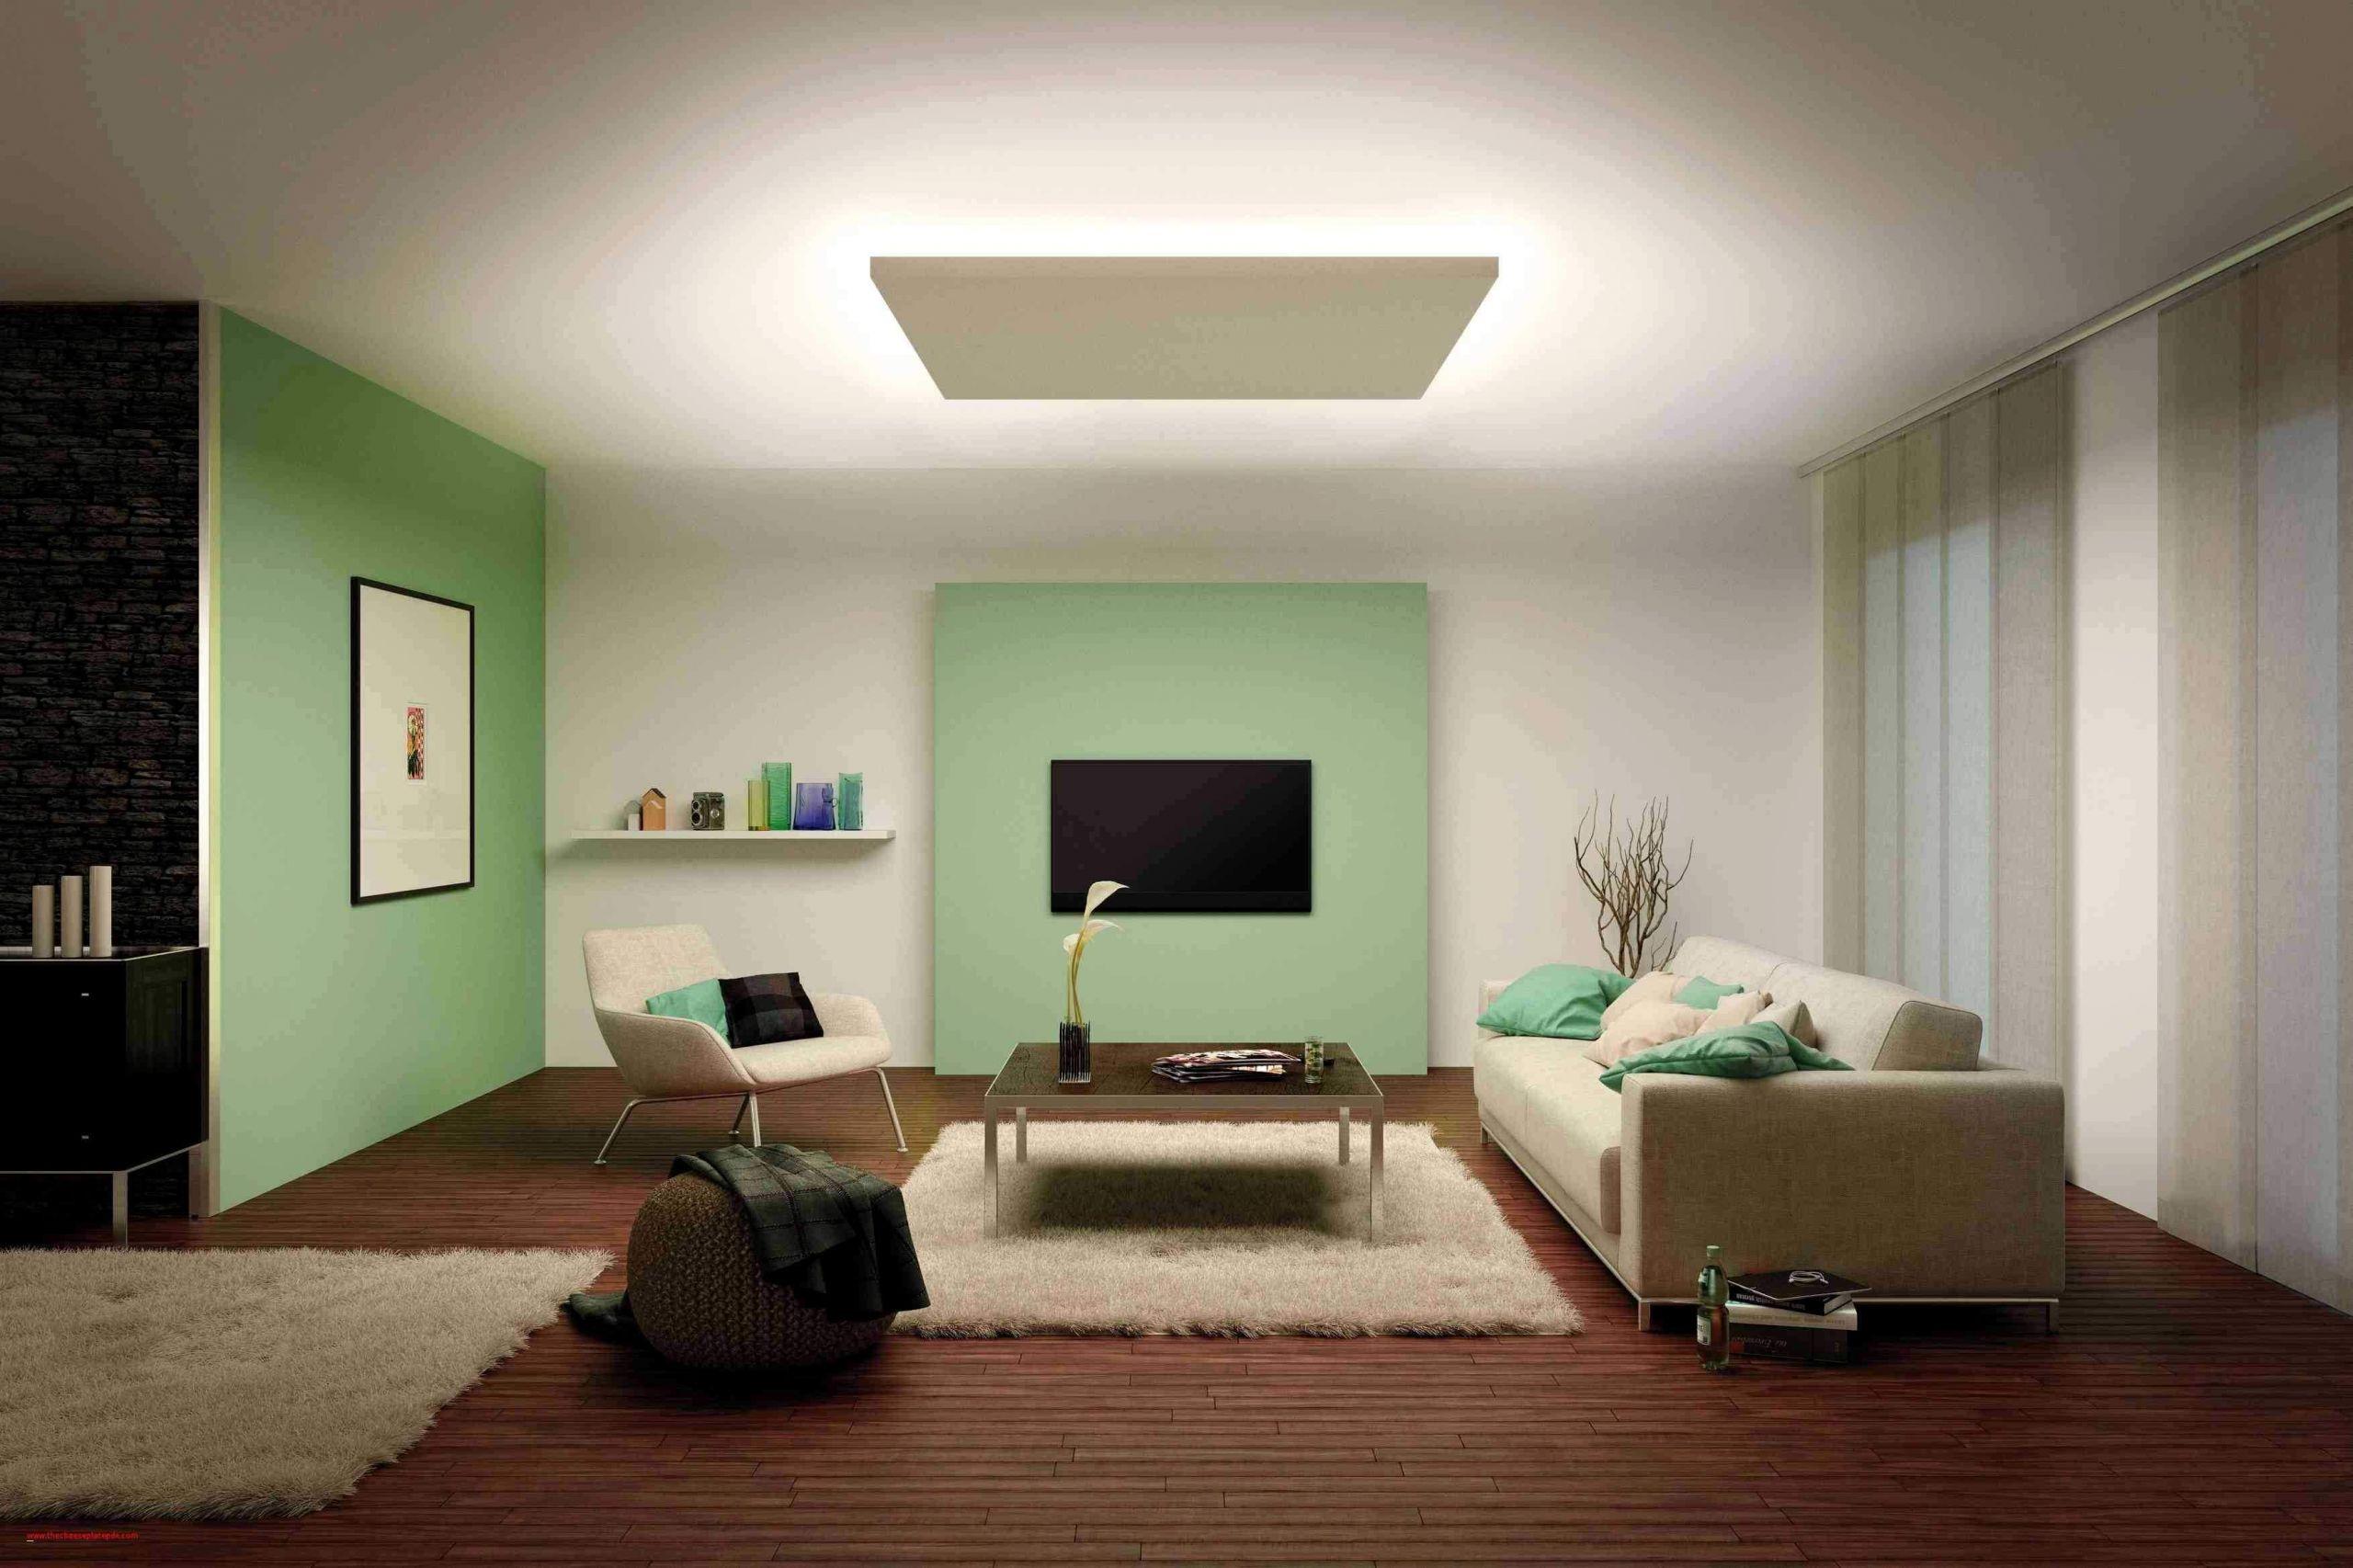 Full Size of Led Deckenleuchten Wohnzimmer Luxus Deckenleuchte Teppiche Heizkörper Schrankwand Liege Fototapete Poster Tisch Teppich Deckenlampen Wohnzimmer Deckenleuchten Wohnzimmer